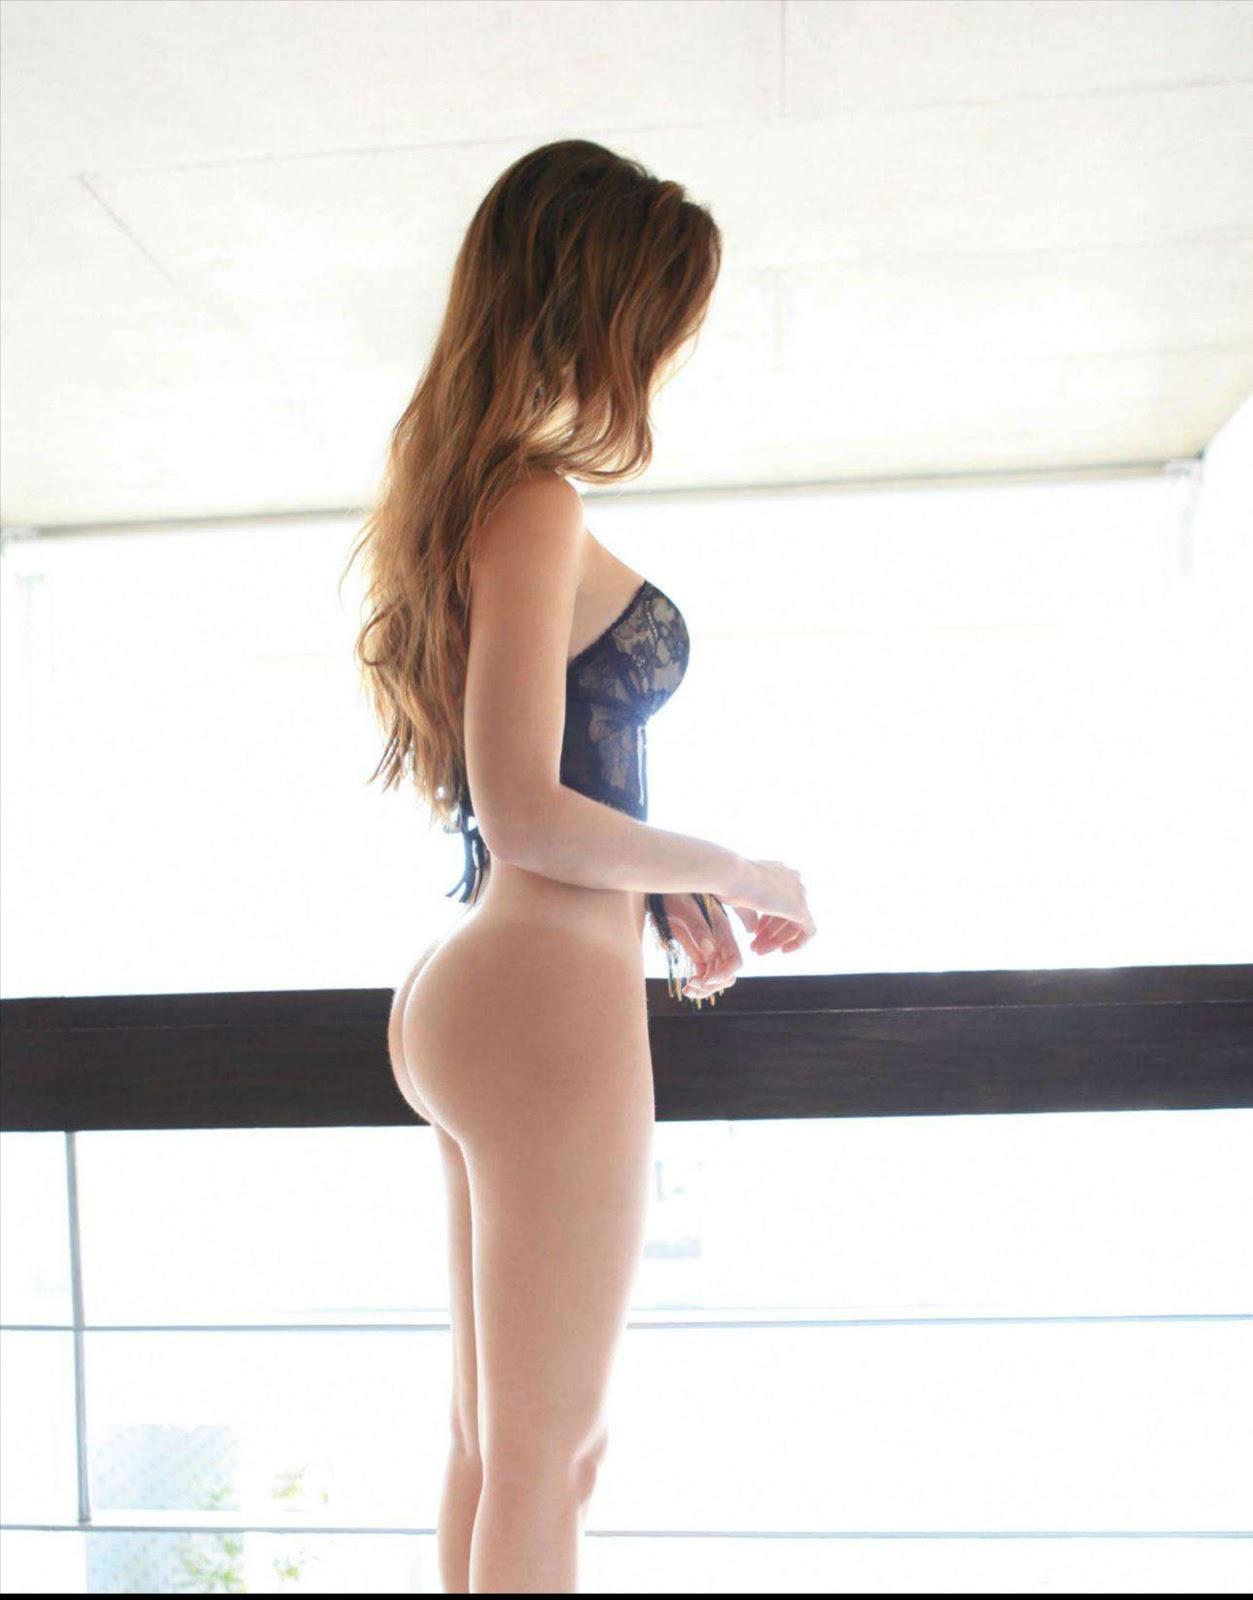 http://2.bp.blogspot.com/-_n1ew5stFgU/T_oMCmqOTtI/AAAAAAAALKw/7GDJ2o_sWGw/s1600/59741_septimiu29_JulietaPonce_PlayboyArgentina_July201213_123_24lo.jpg